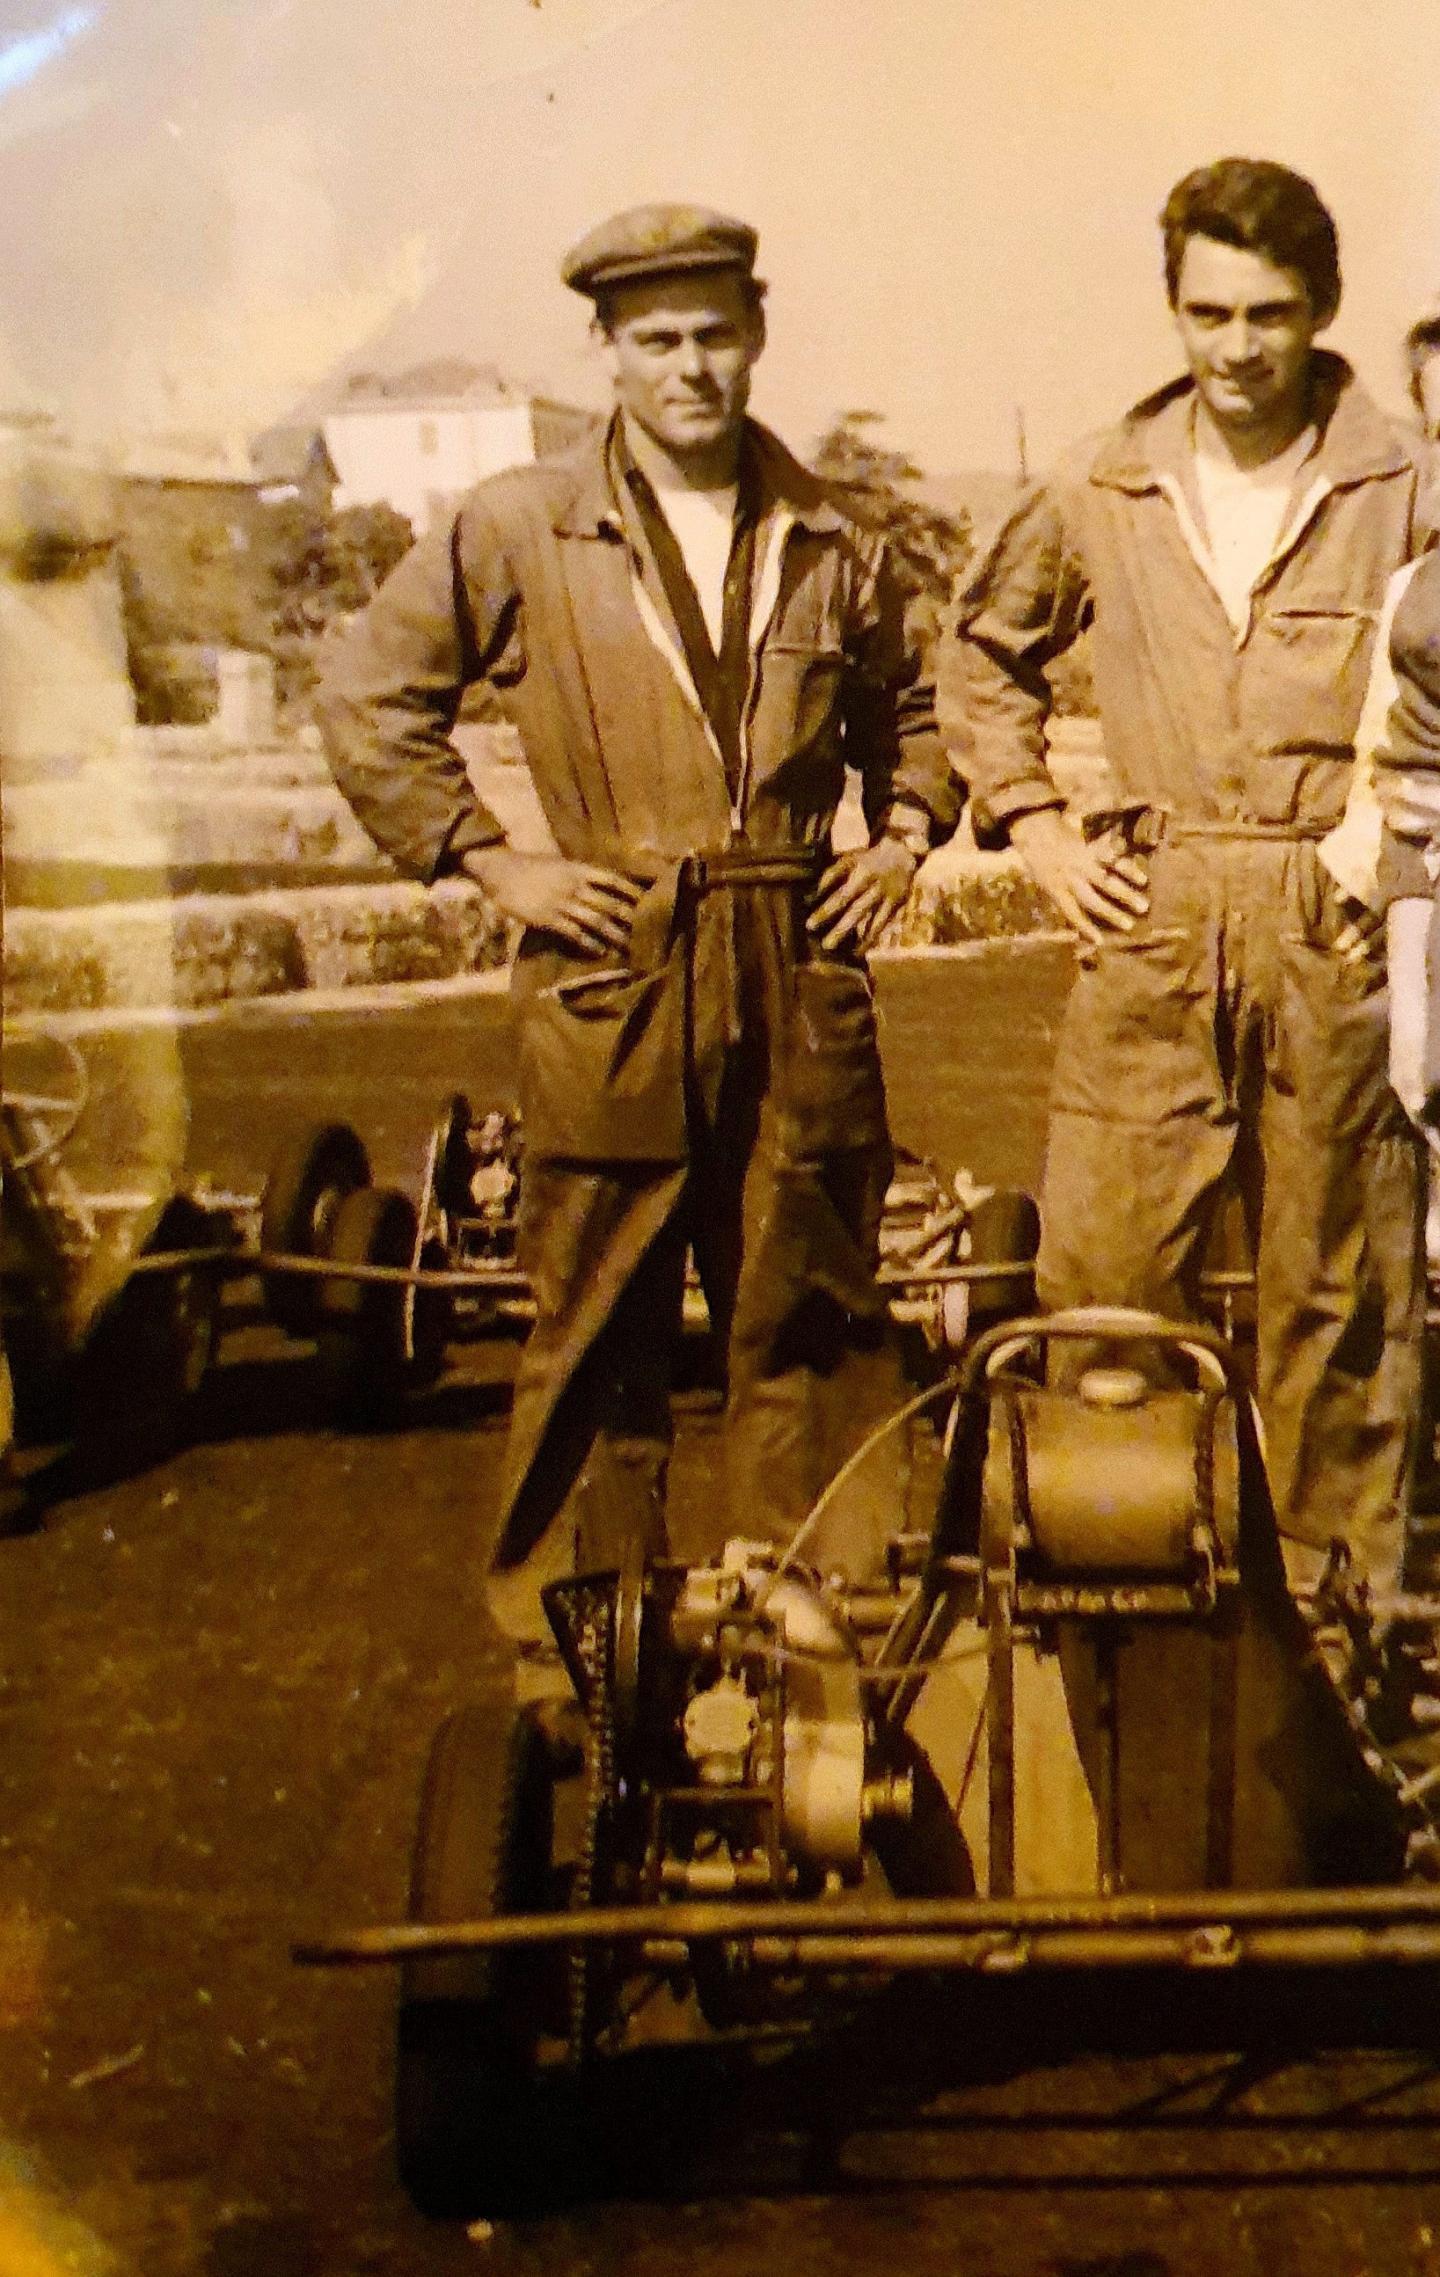 Jean-Claude dit « Coco » (avec sa casquette) développa le premier karting de la toute région Paca dans les années 1960.